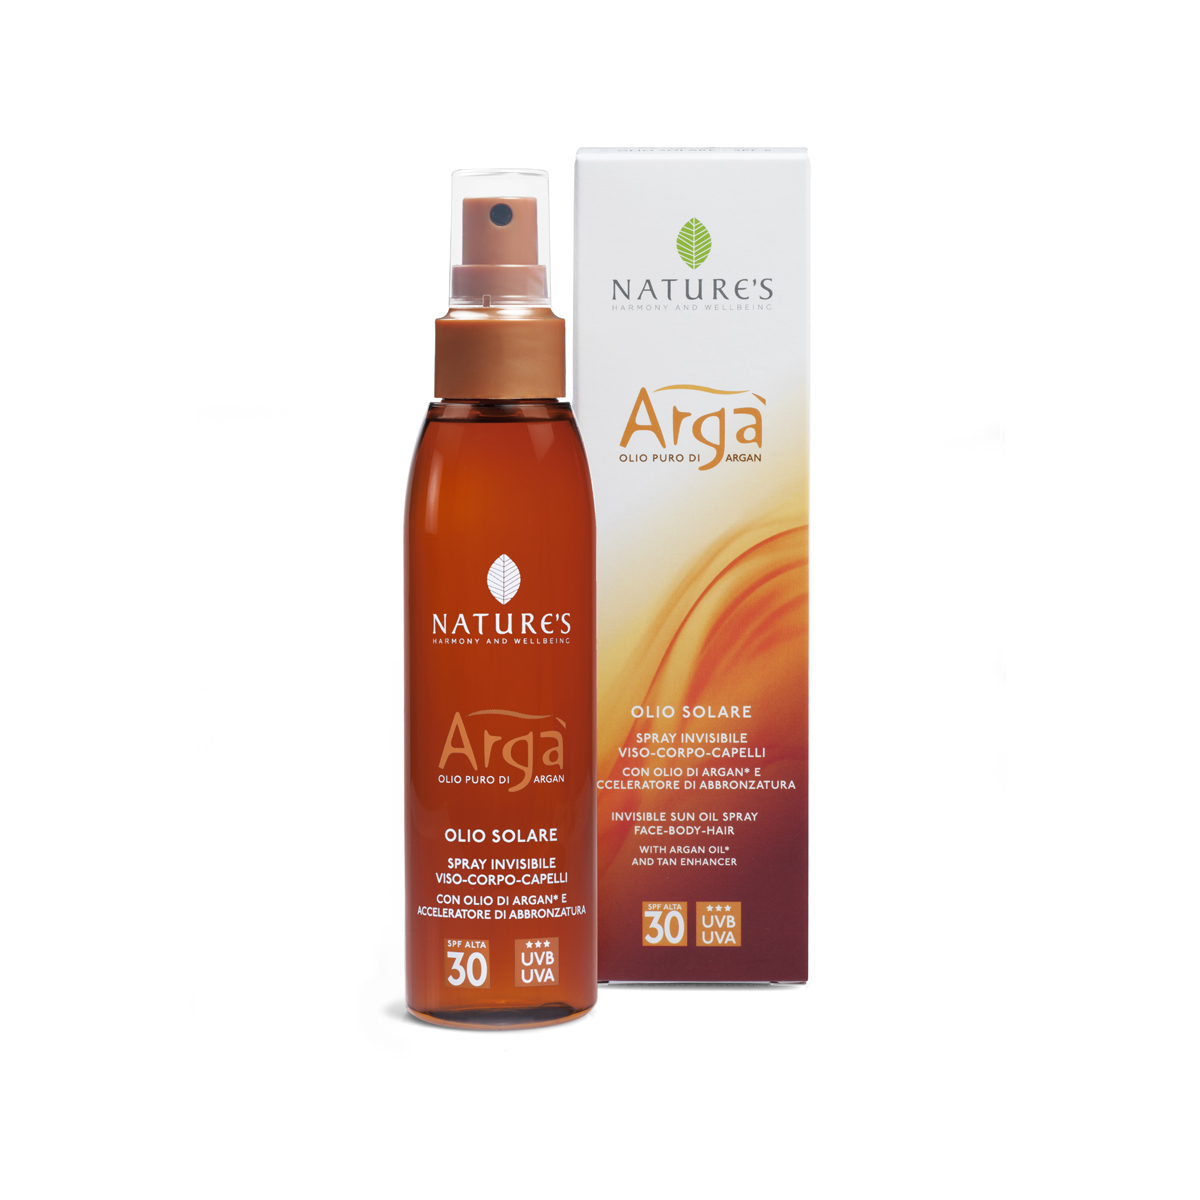 Natures Arga Масло для лица и тела SPF30, 150 мл60150928Инновационное средство с высоким фактором защиты от солнца рекомендуется для светлой (бледной) и нормальной кожи. Свежая, легкая, незаметная текстура на основе масла Арги содержит витамины и антиоксиданты, надежно сохраняет, увлажняет и питает кожу, быстро впитывается, не оставляя жирного блеска. Специальные компоненты – активаторы загара Oleoyl tyrosine (Олеоил Тирозина) и Loofah oil (масло Люфы) способствуют получению красивого бронзового оттенка кожи. Эксперты (BSRS 2008) отмечают хорошую защиту от фотостарения (UVA-лучей) и от повреждения кожных покровов (UVB-лучей). Эсхансеры обеспечивают доставку активных компонентов через эпидермис, не повреждая естественный липидный слой кожи. Средство водостойкое, не содержит парабены. Проведены контрольные дерматологические тесты и тесты на содержание никеля. Гарантии производителя – на упаковке.